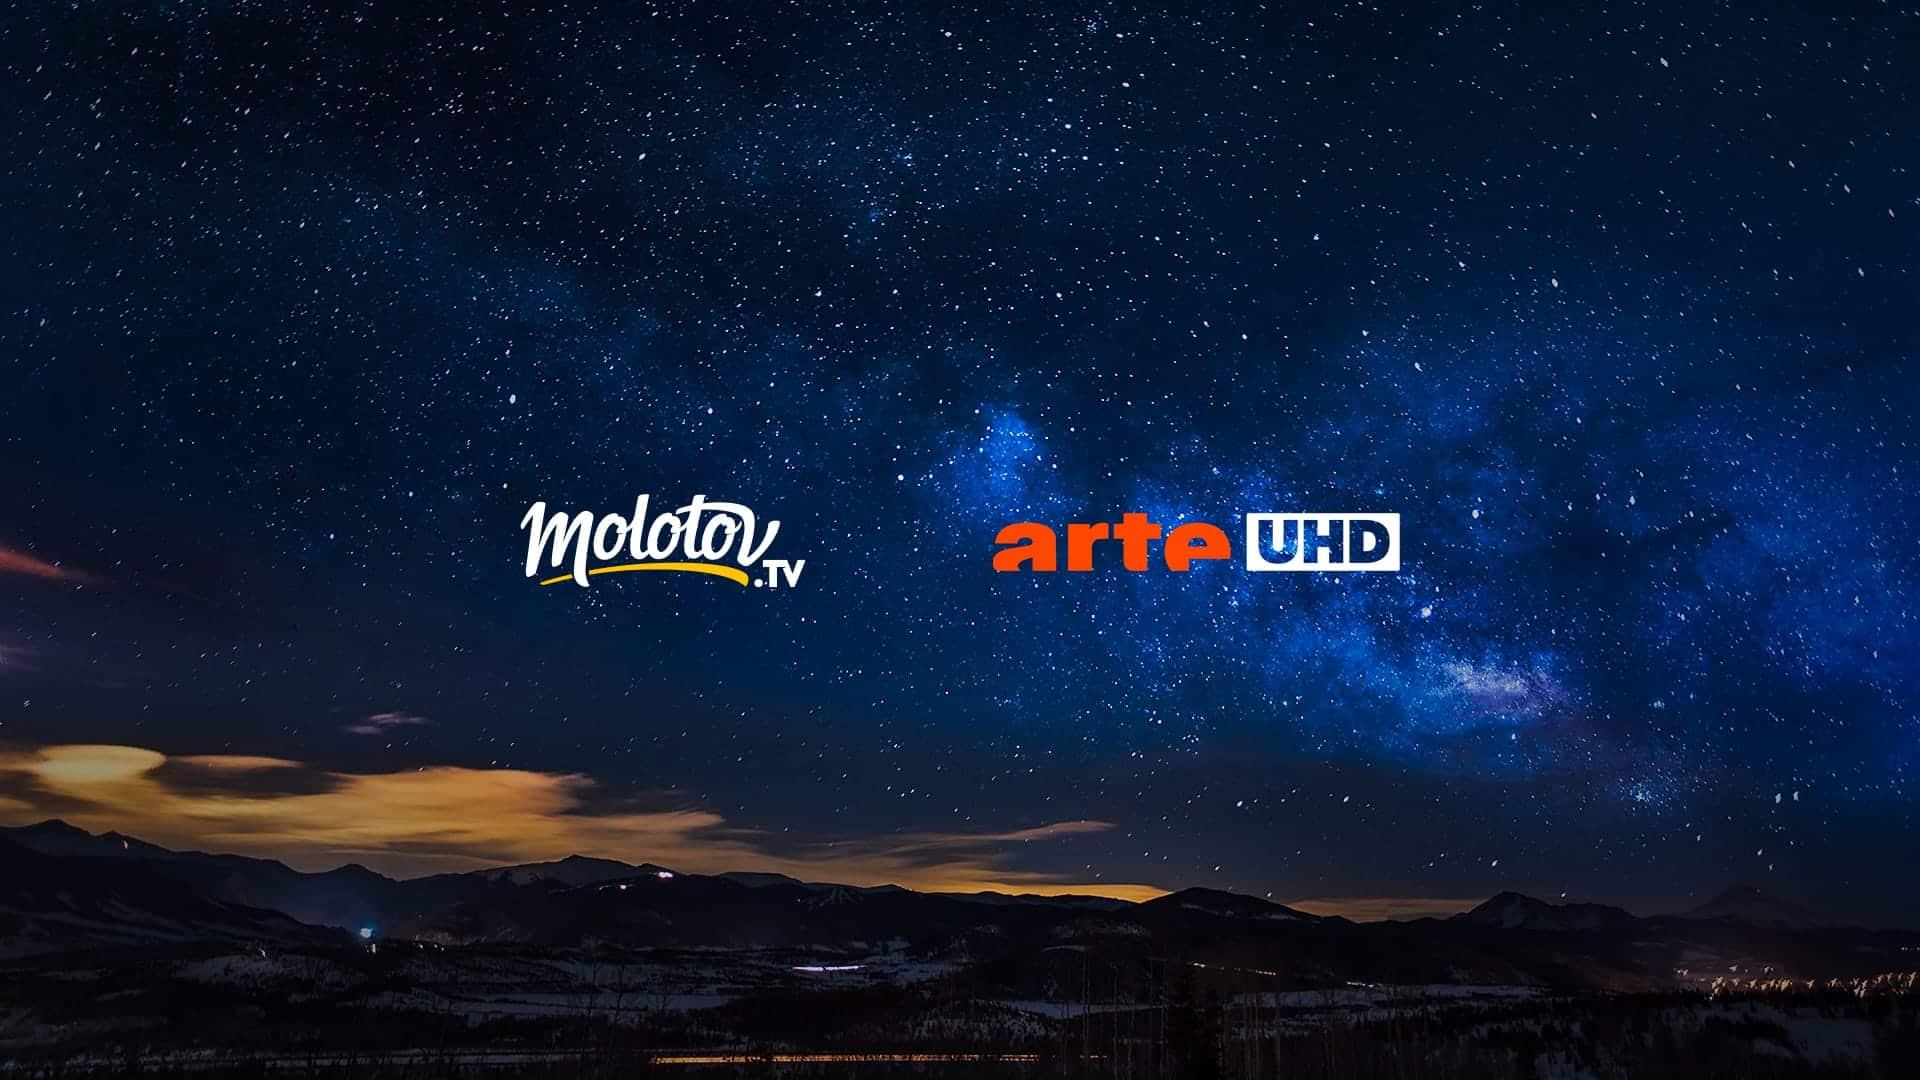 Molotov TV Arte UHD 4K